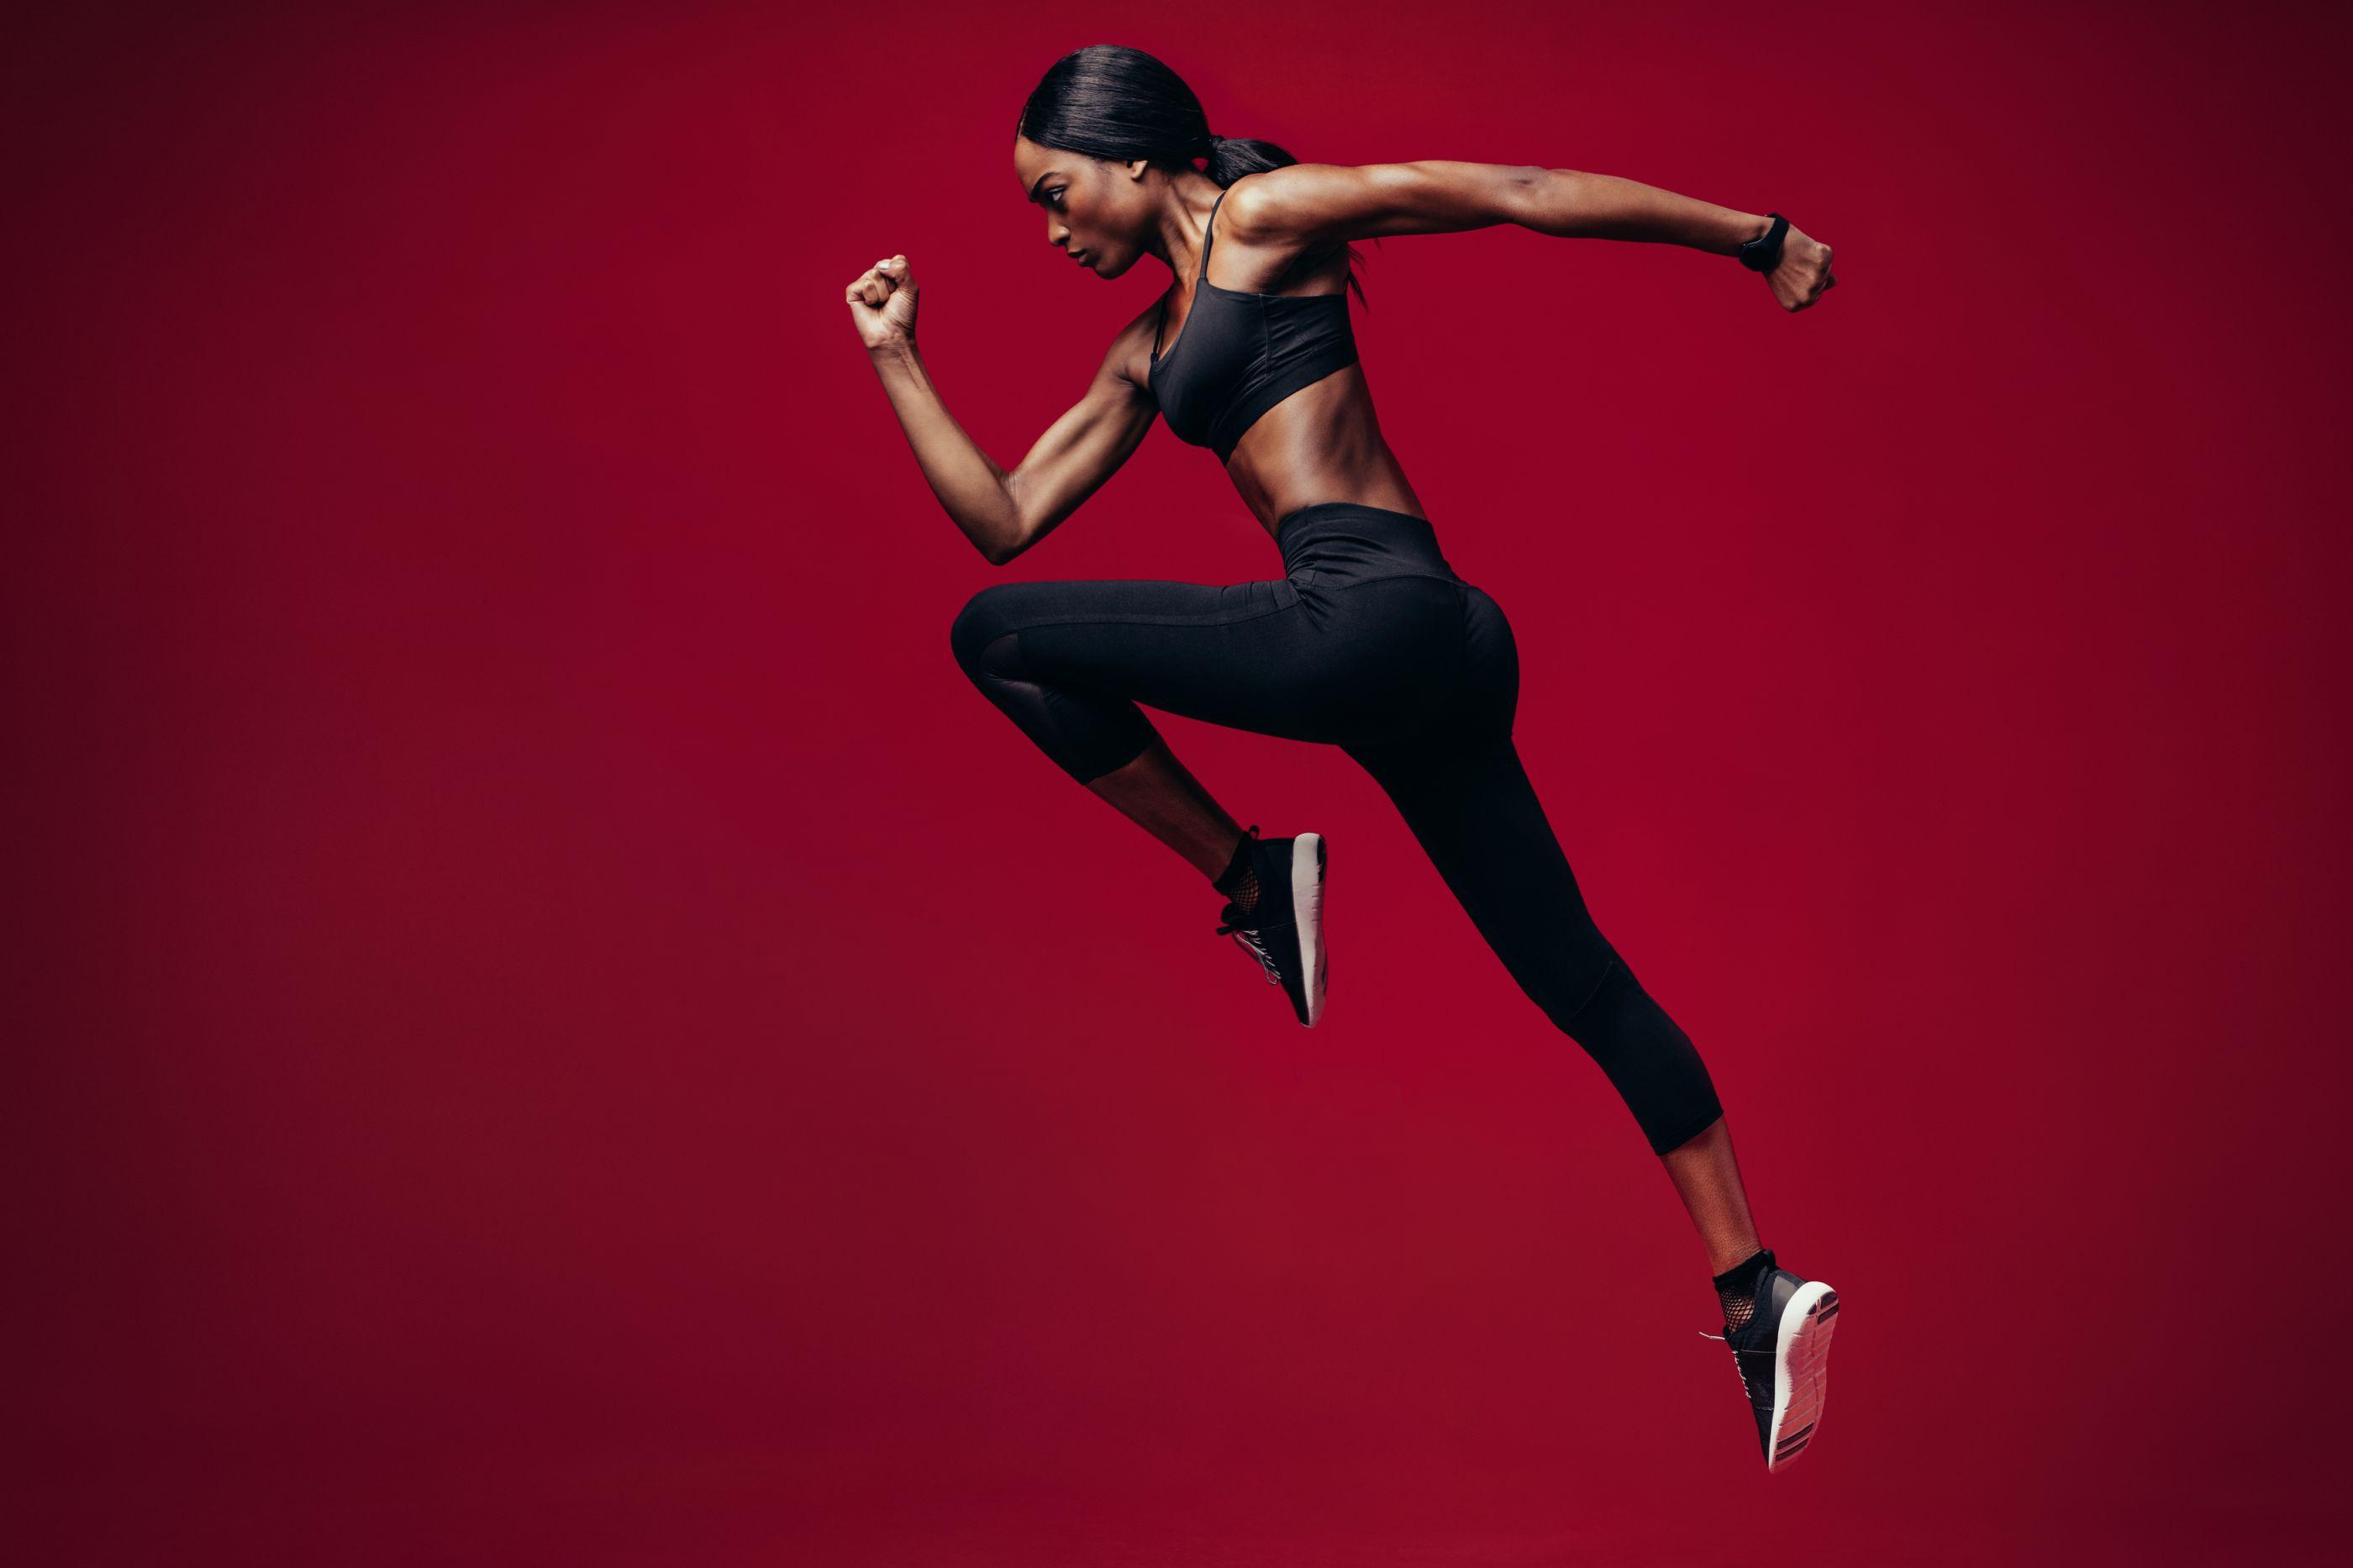 Desporto com estilo: Conheça os 7 melhores ténis de running